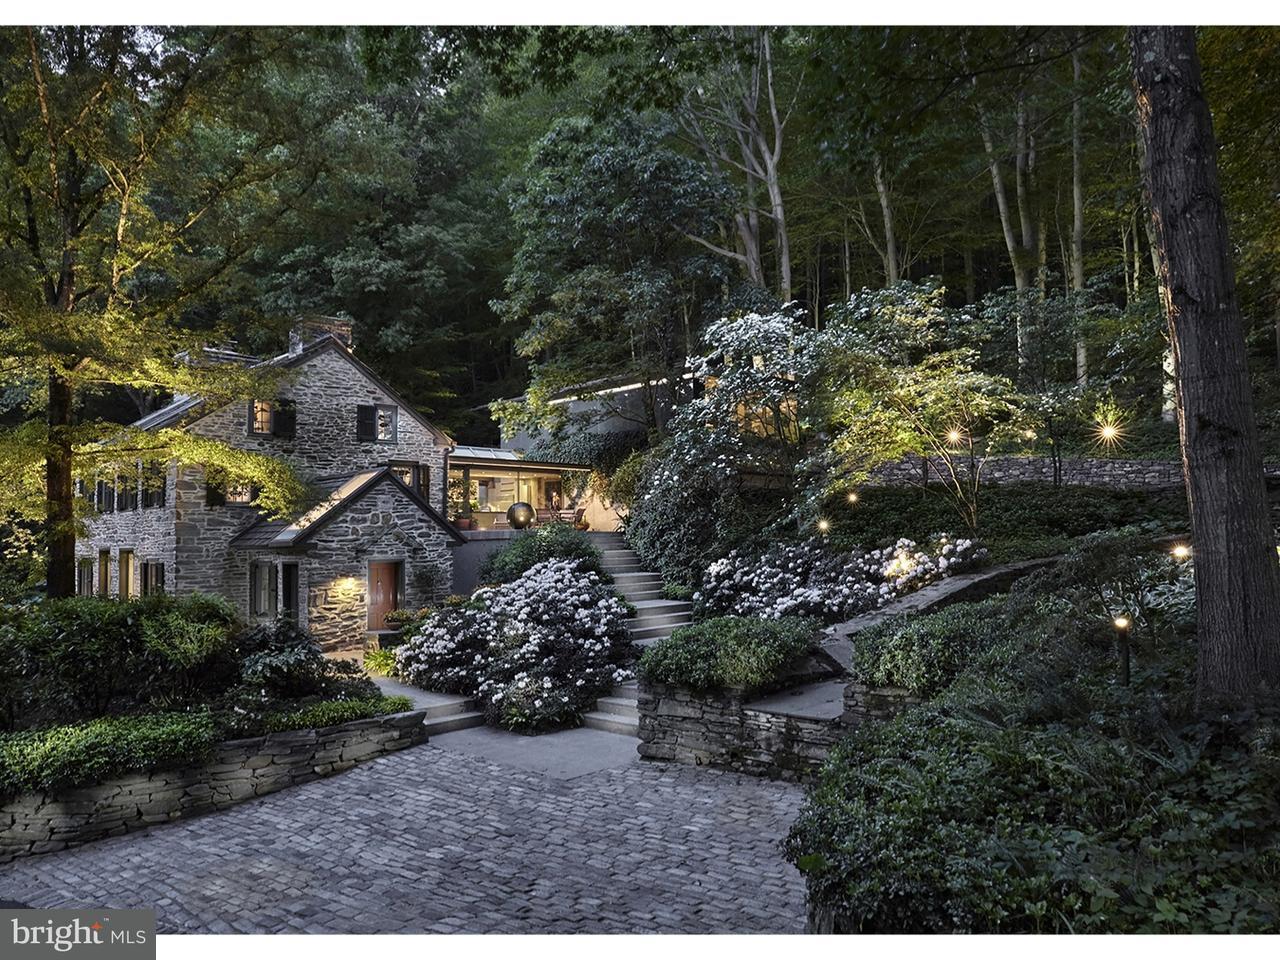 独户住宅 为 销售 在 1485 MILL CREEK Road 德维恩, 宾夕法尼亚州 19035 美国